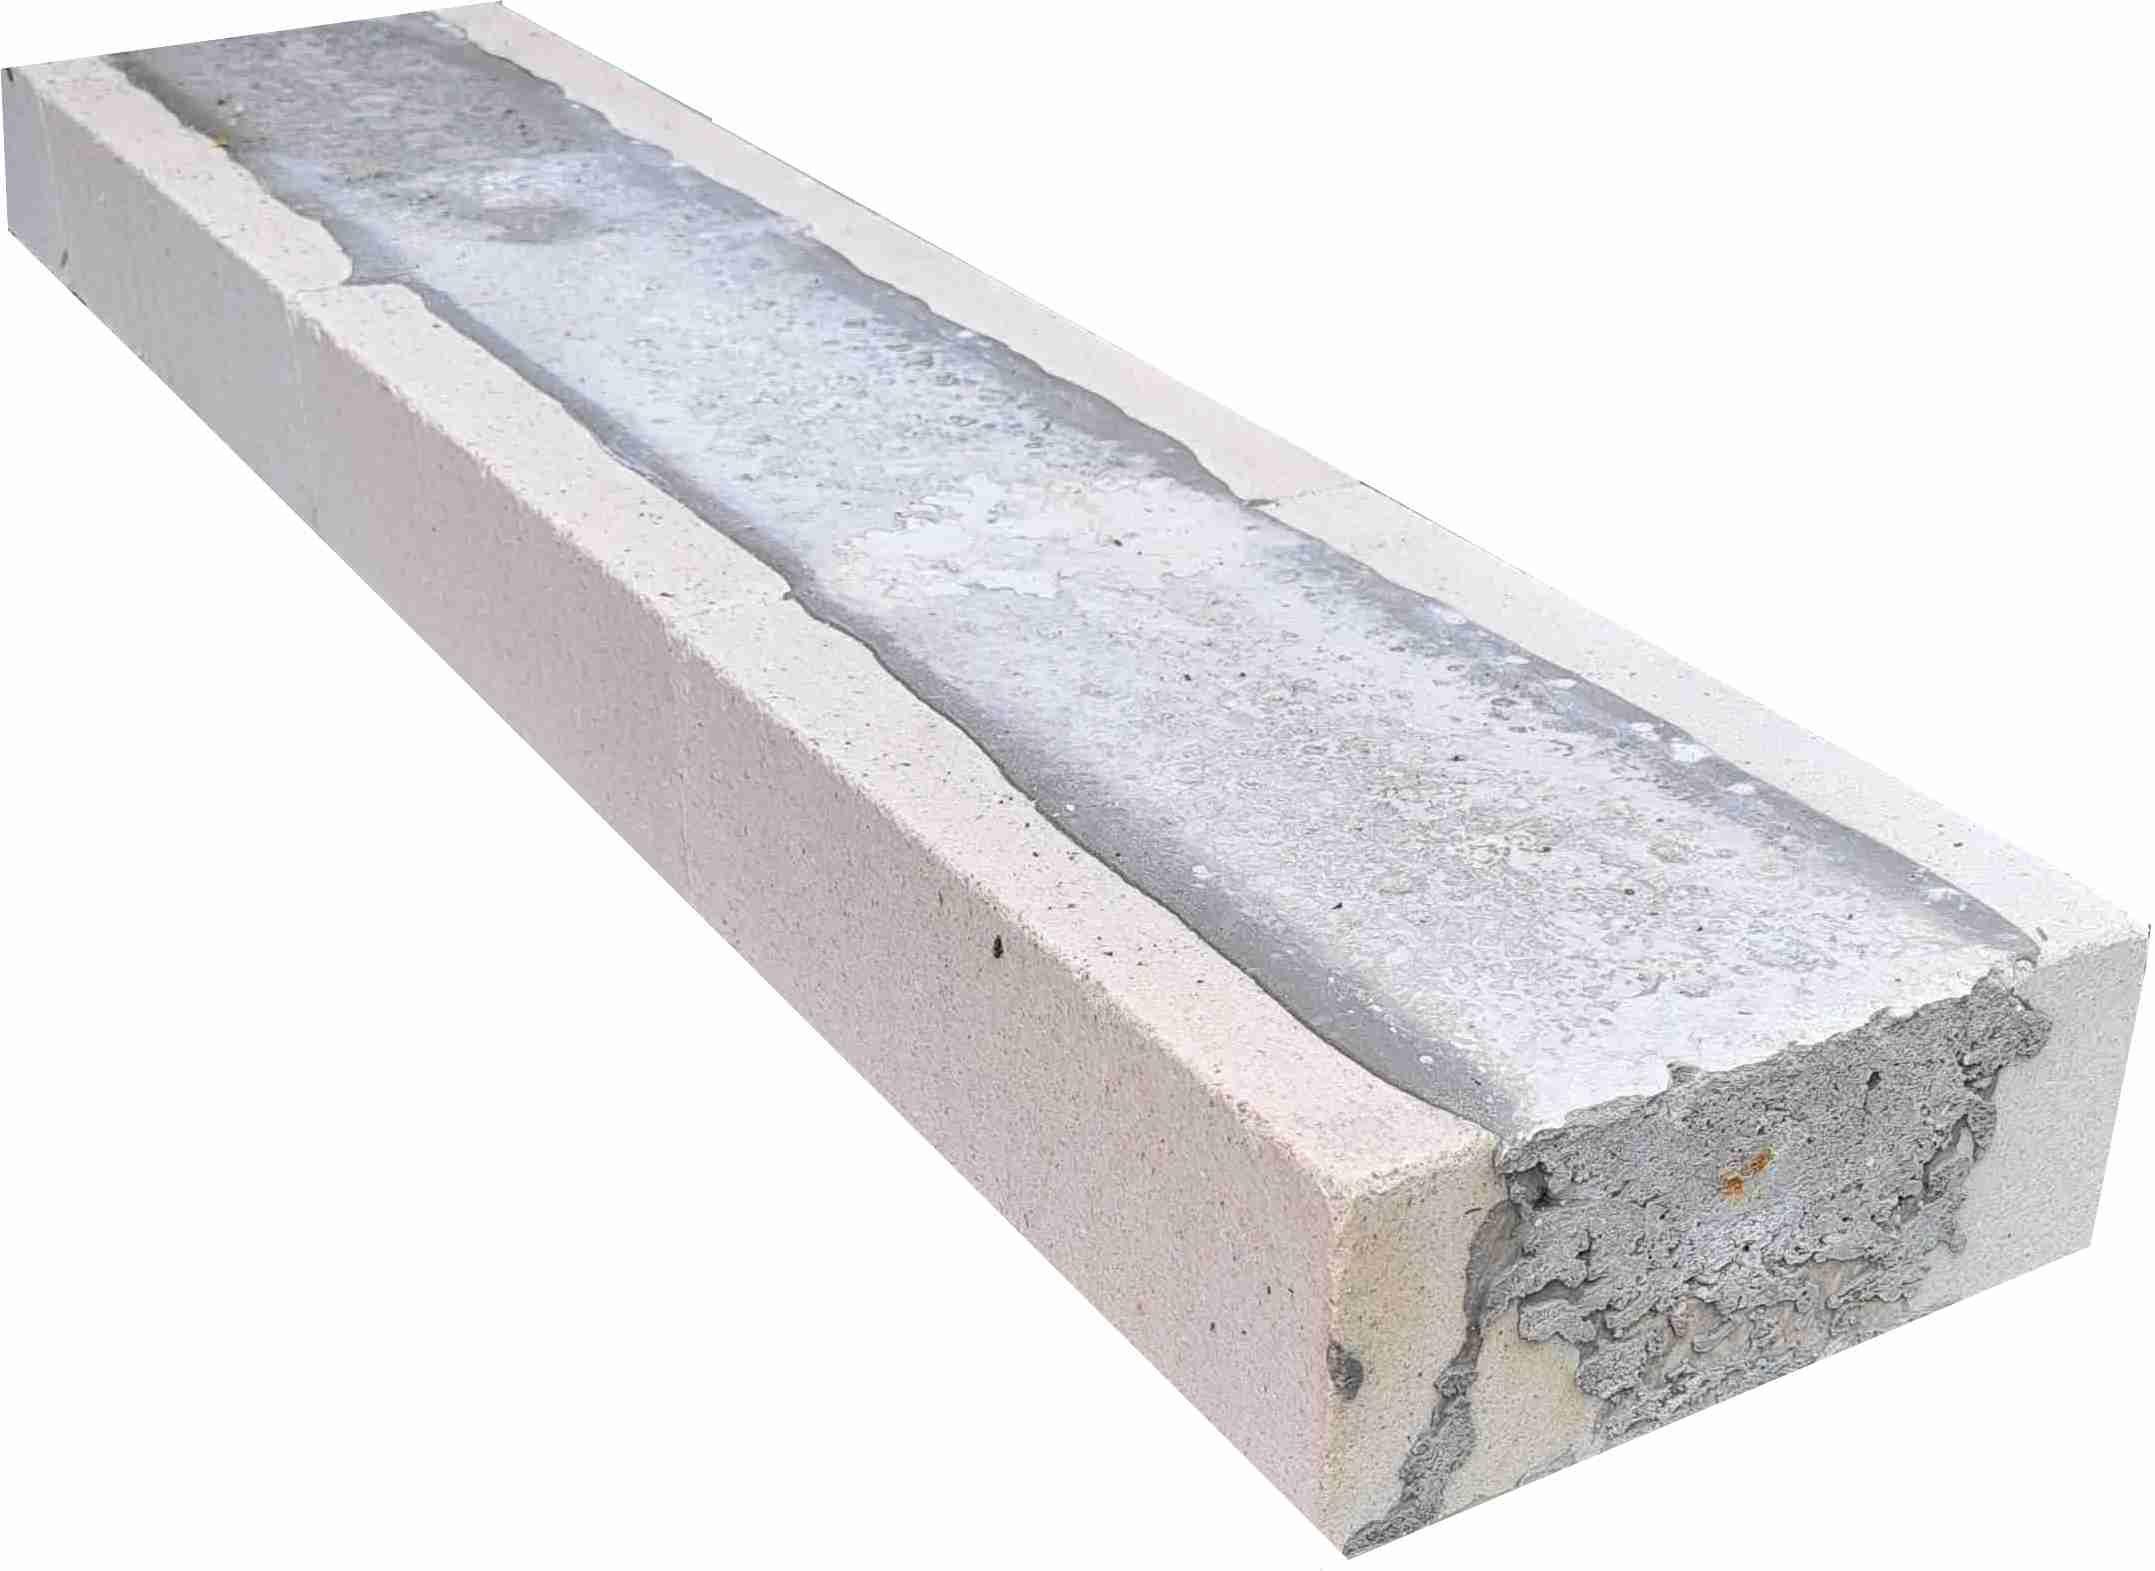 Kalksandsteinstürze NF 7,1 x 17,5 cm 2,50 m